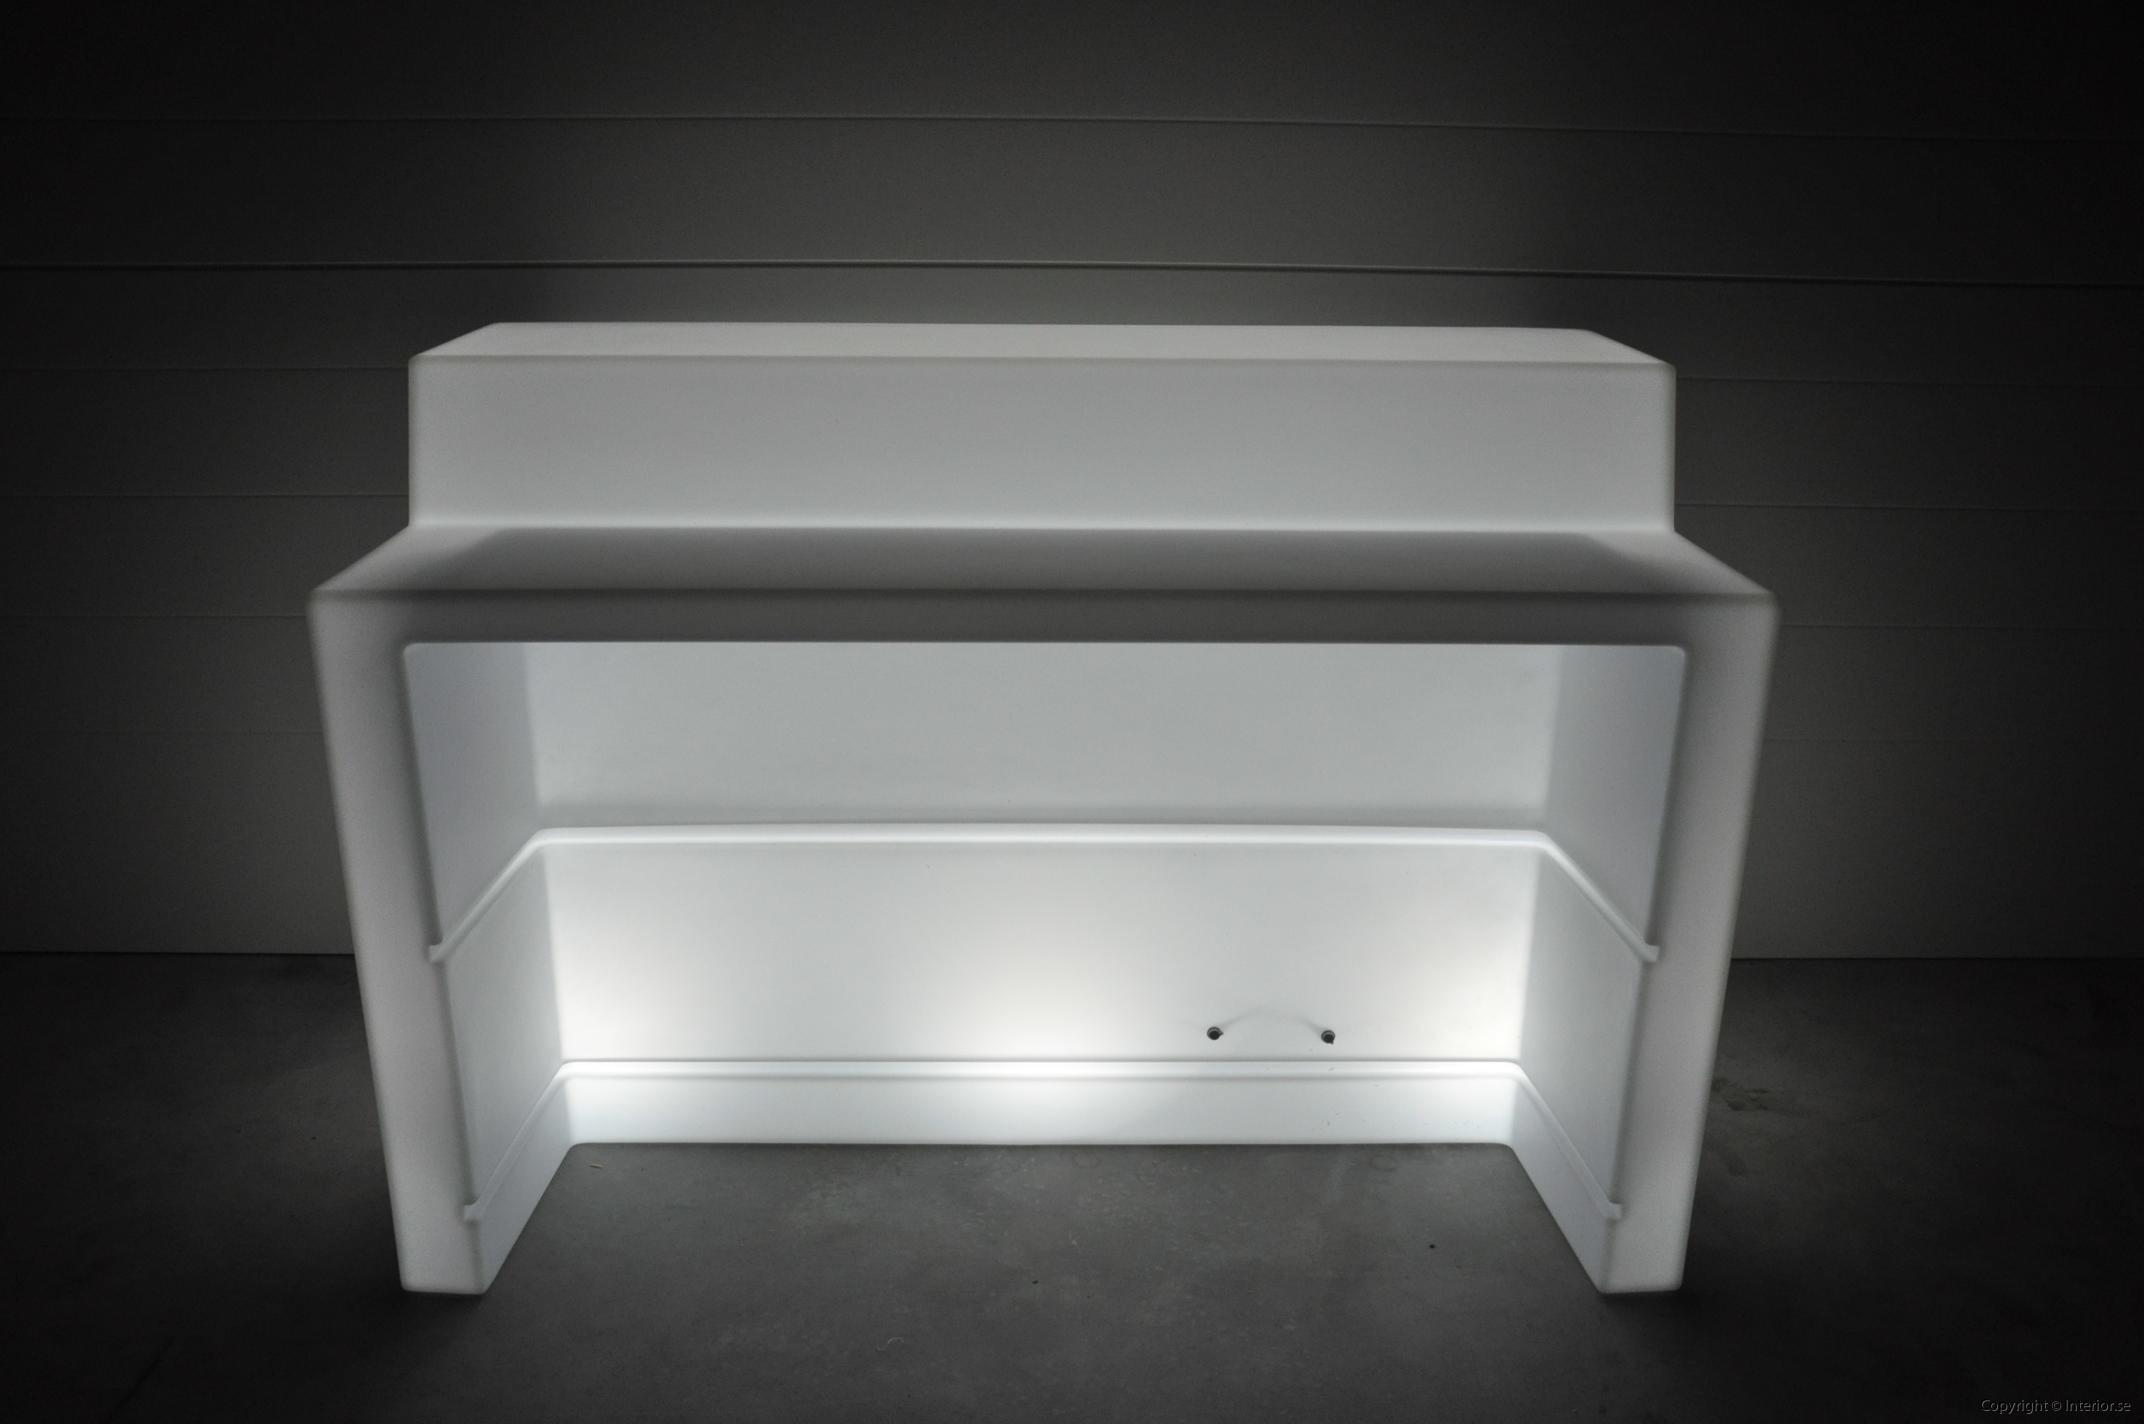 Hyra LED bardisk stockholm, New Wave 320 cm - batteri (9)